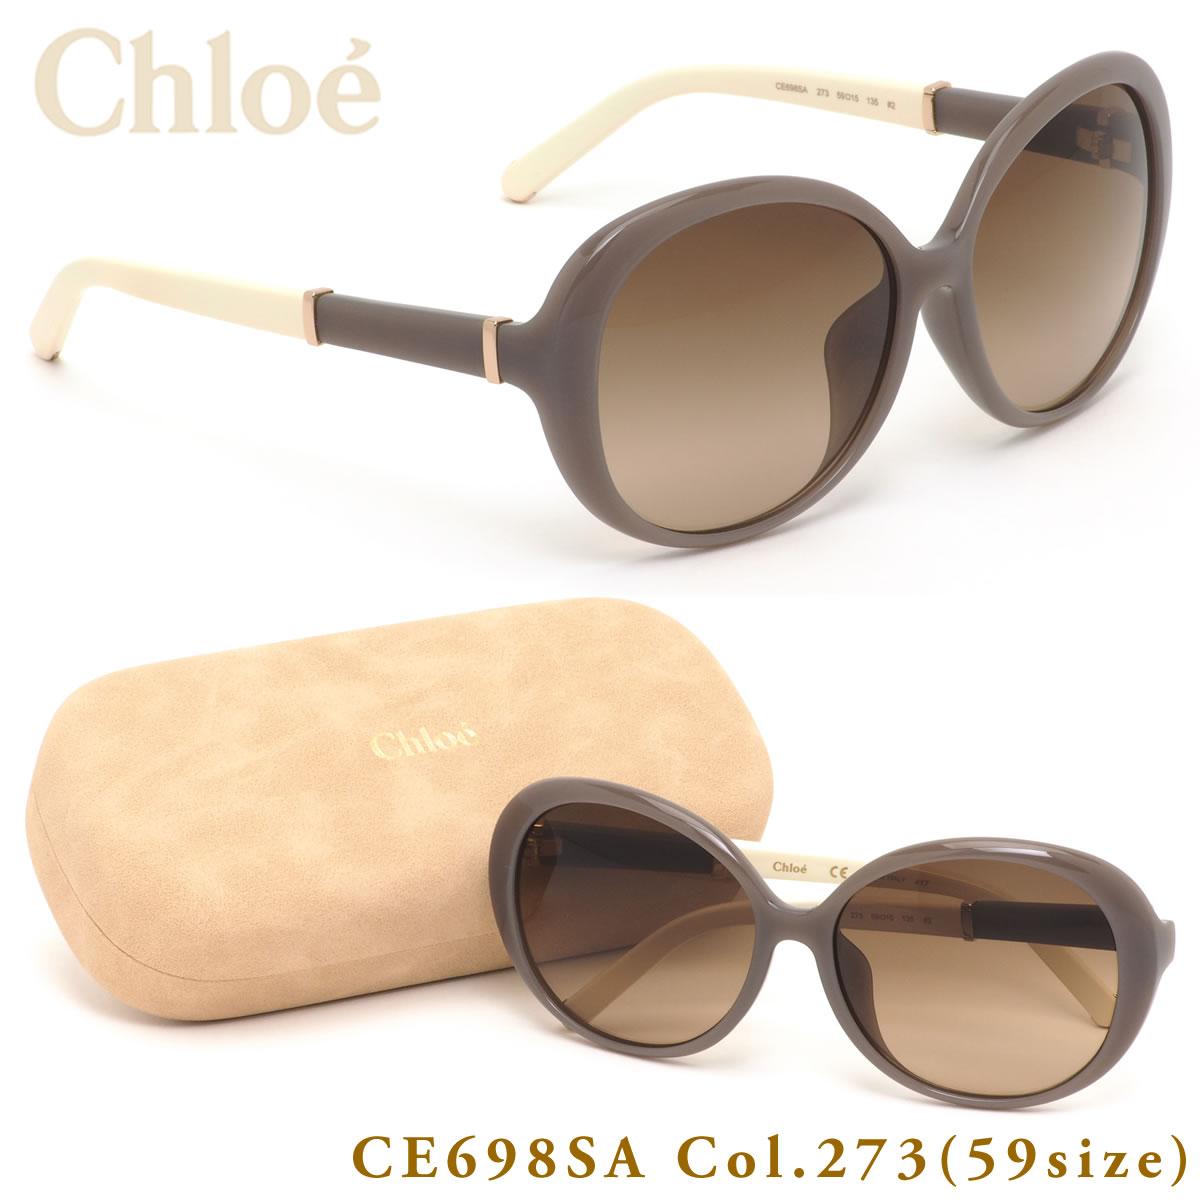 クロエ Chloe サングラスCE698SA 273 59サイズアジアフィット フルフィット 小顔効果クロエ Chloe メンズ レディース